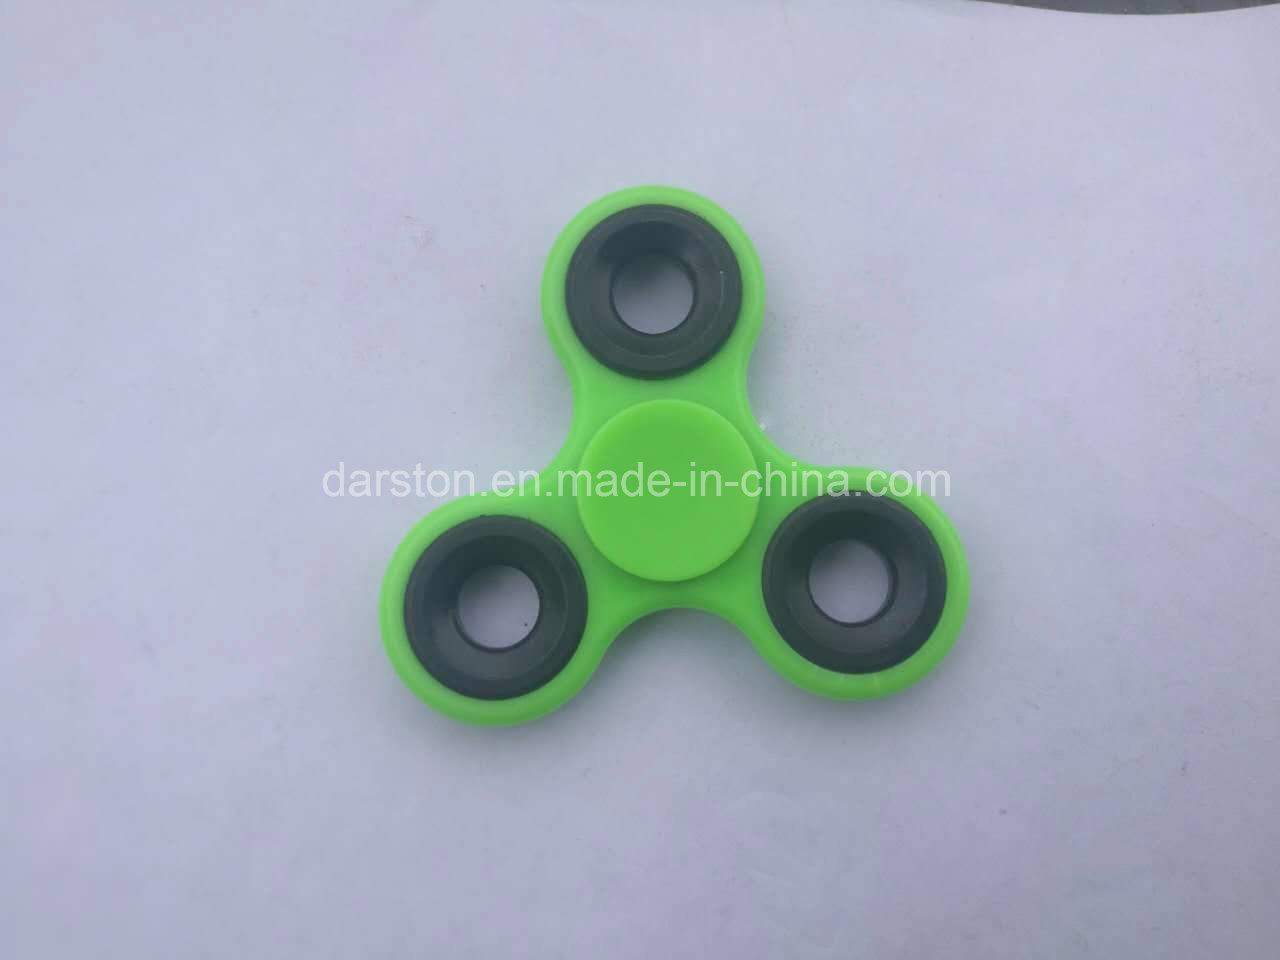 2017 Top Selling Plastic Hand Toy Fidget Spinner Finger Spinner PL30